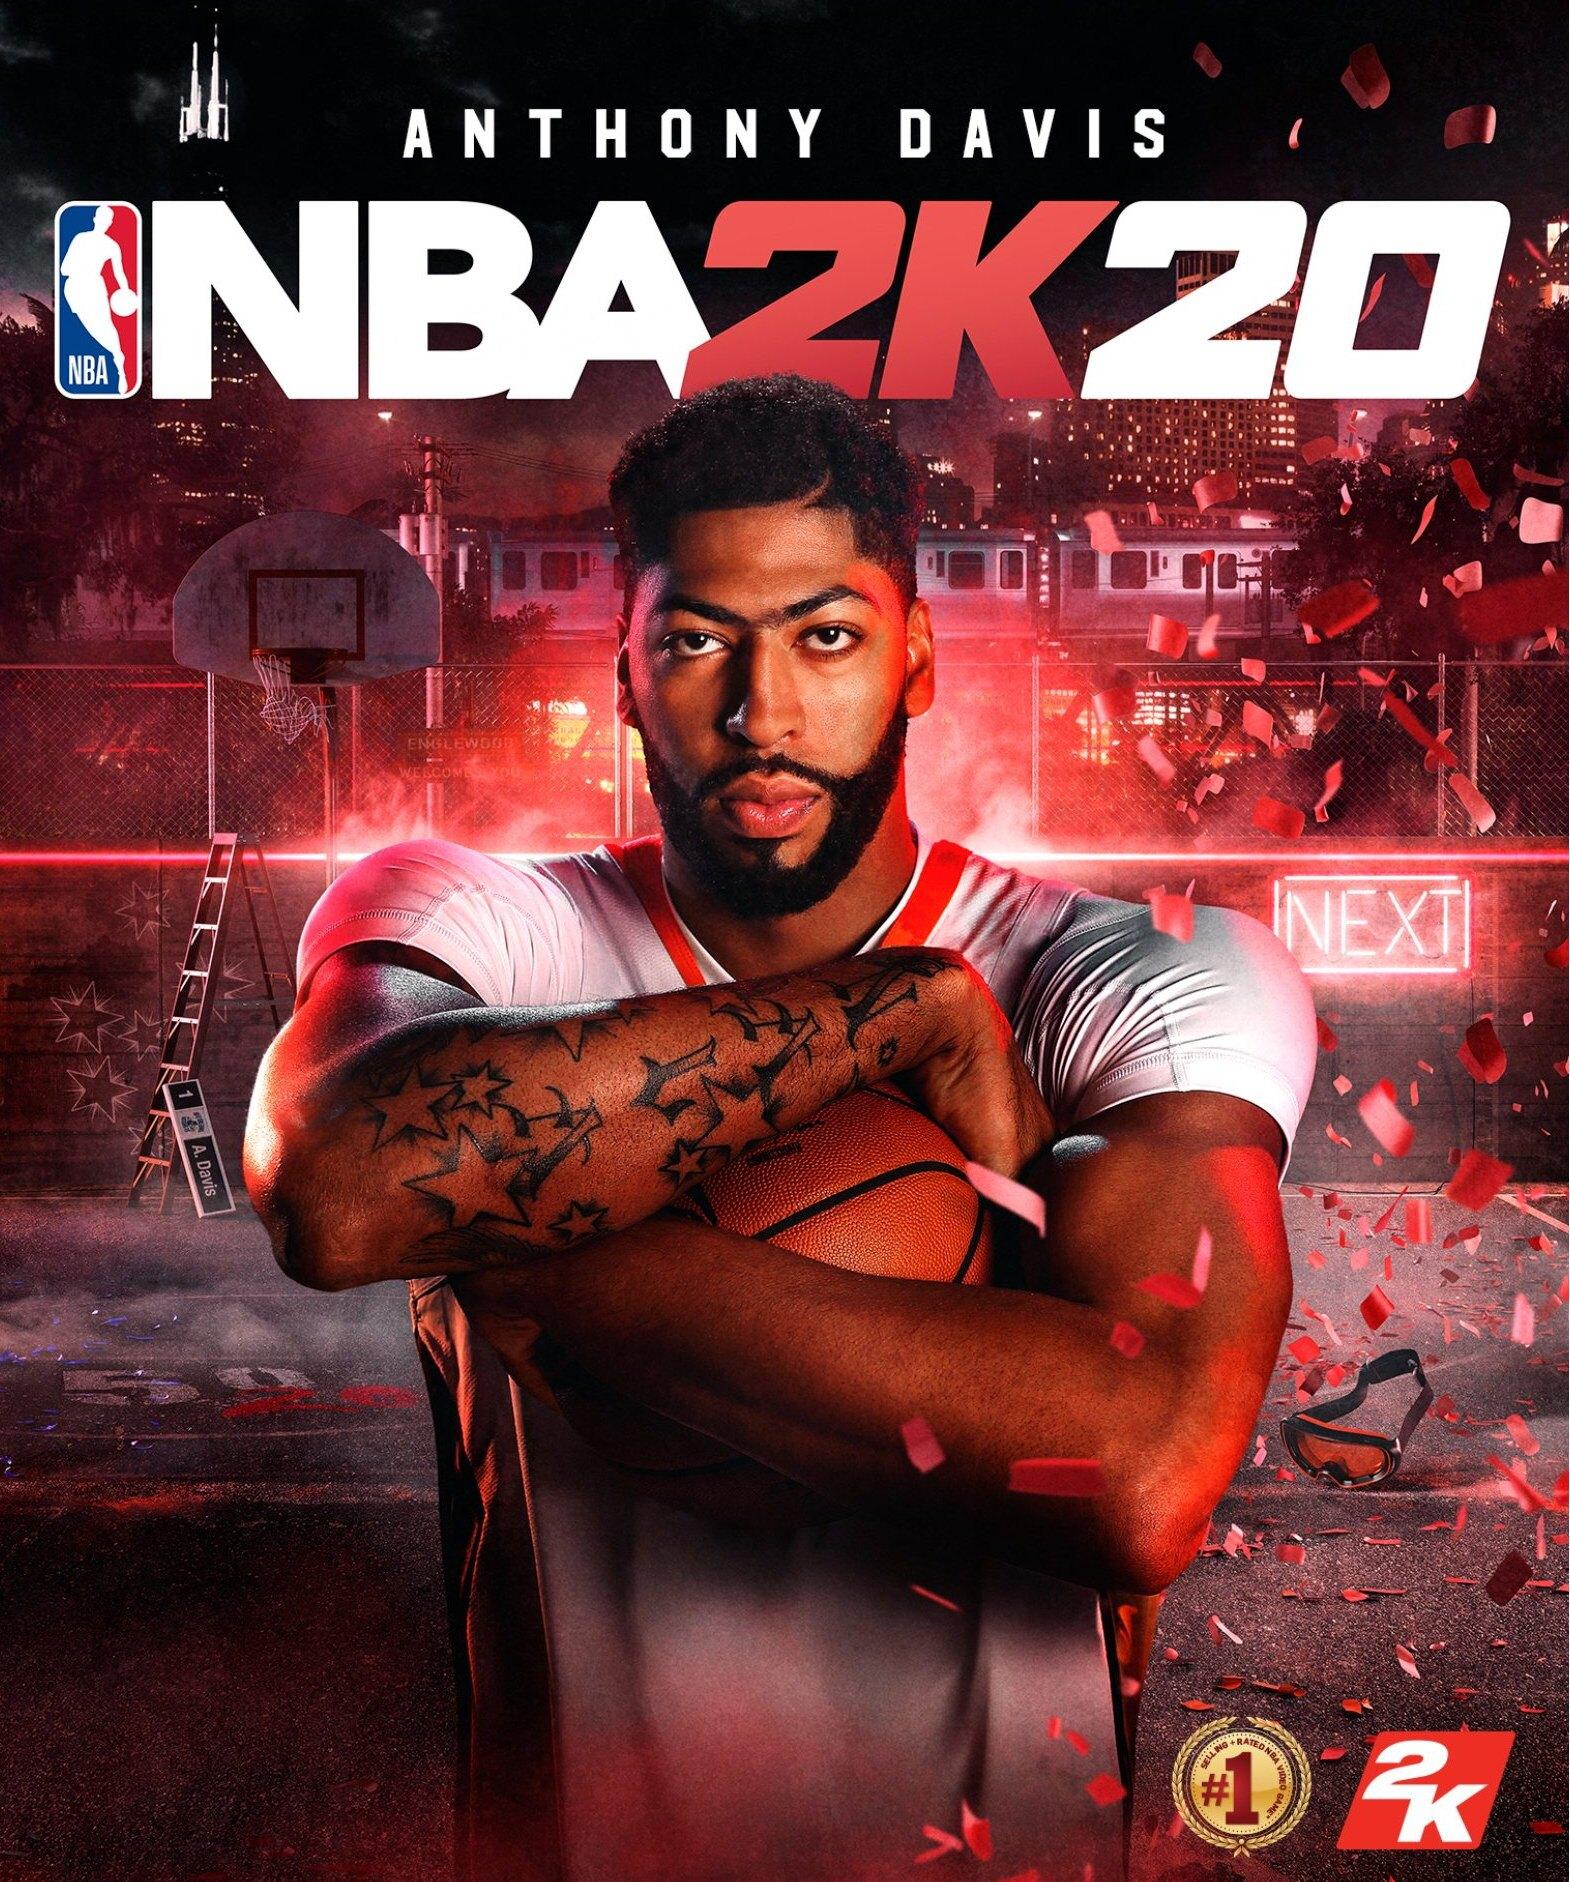 【預購商品】電腦版 PC 美國職業籃球賽 2020 NBA 2K20 中文版 9/6發售【台中恐龍電玩】。人氣店家恐龍電玩 恐龍維修中心的PC電腦、PC電腦 遊戲有最棒的商品。快到日本NO.1的Rak